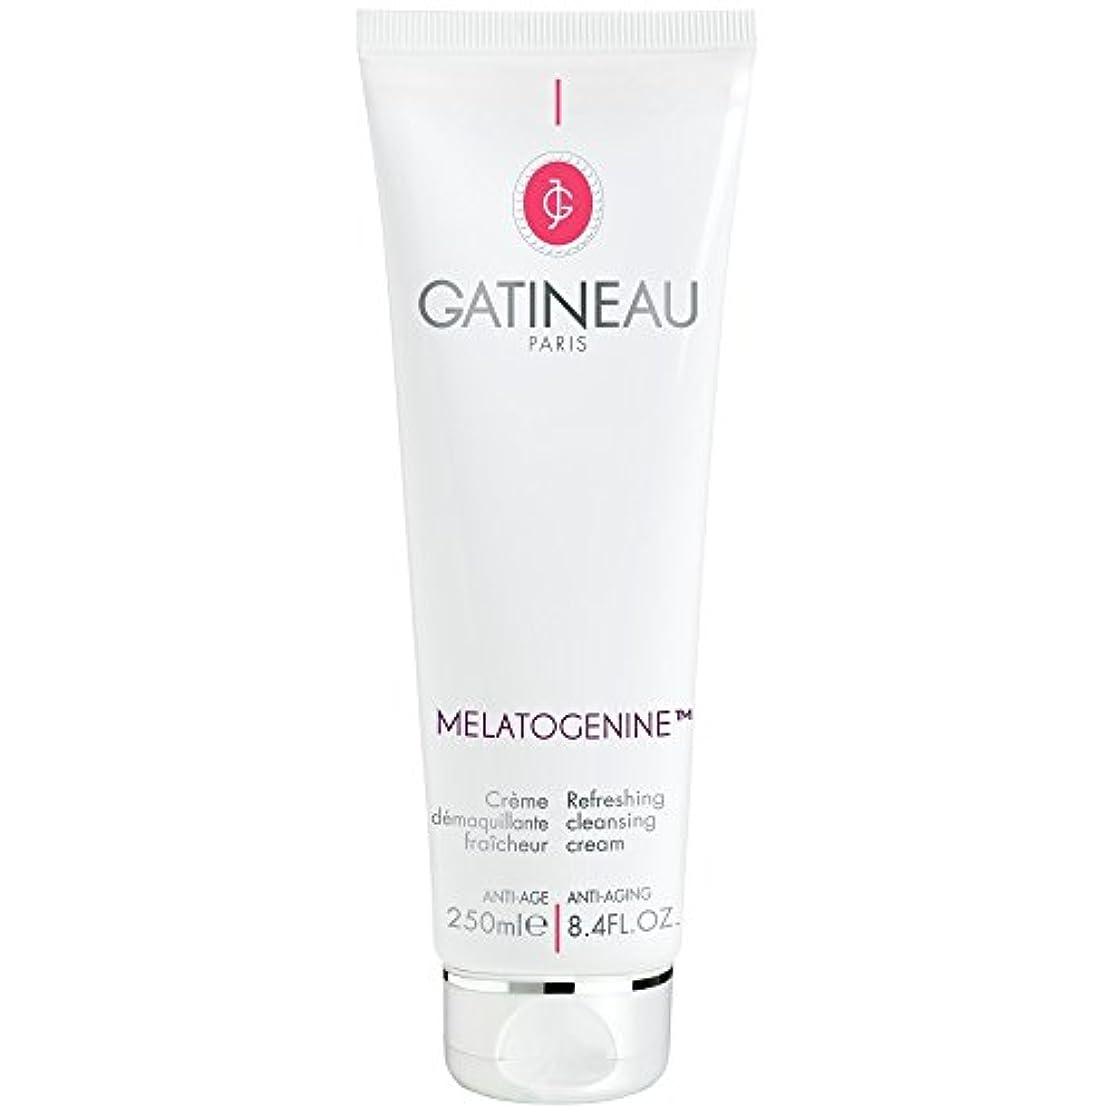 切り刻むモデレータ獣ガティノーMelatogenine?さわやかなクレンジングクリーム、250ミリリットル (Gatineau) (x2) - Gatineau Melatogenine? Refreshing Cleansing Cream...